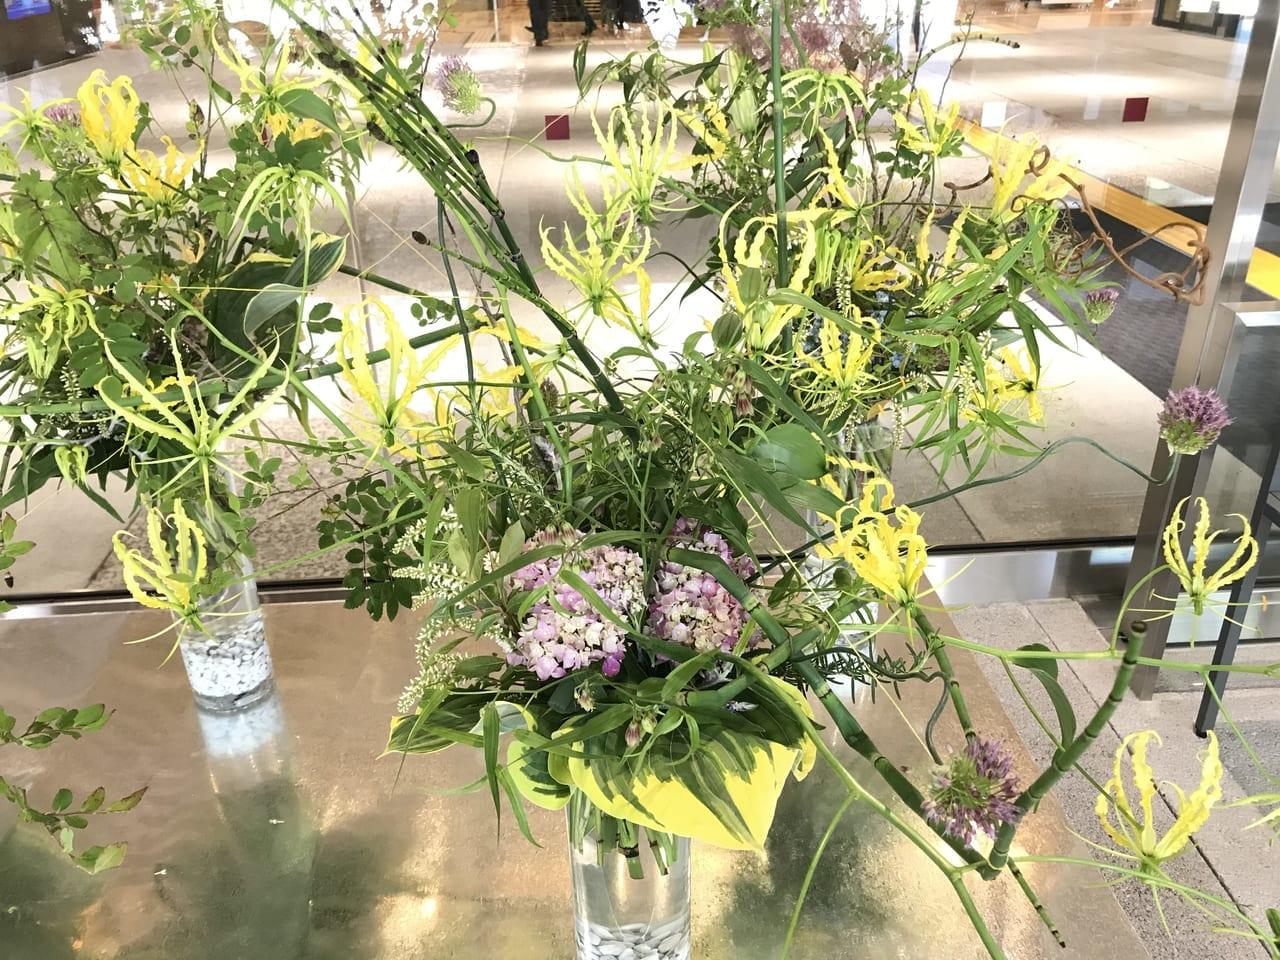 2021年4月「こうちのohana満開プロジェクト」開始。高知市役所での花の展示やInstagramでのフォトコンテンストも開催。